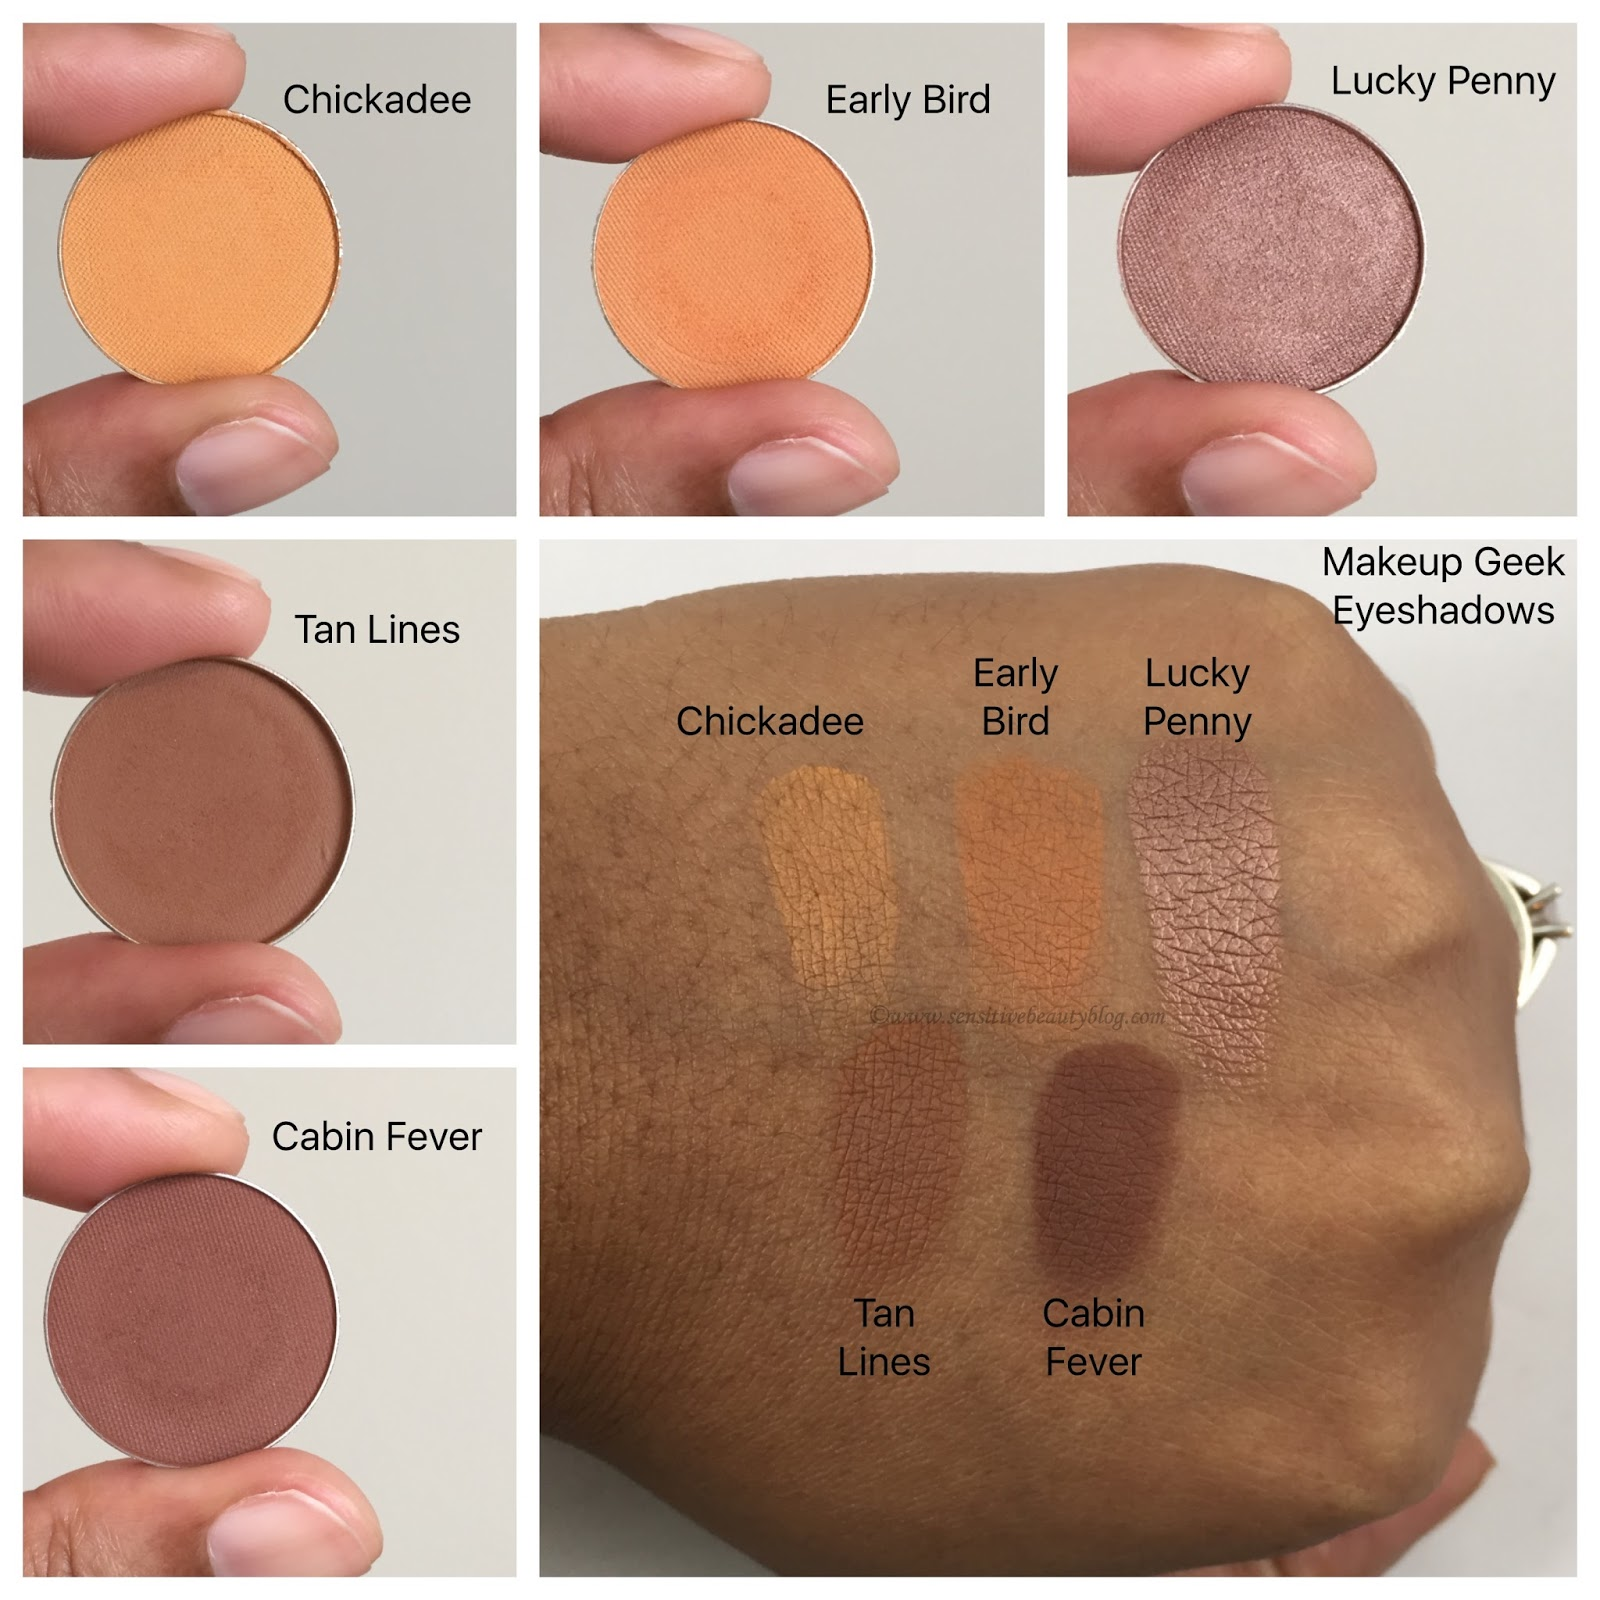 Where to buy makeup geek eyeshadow